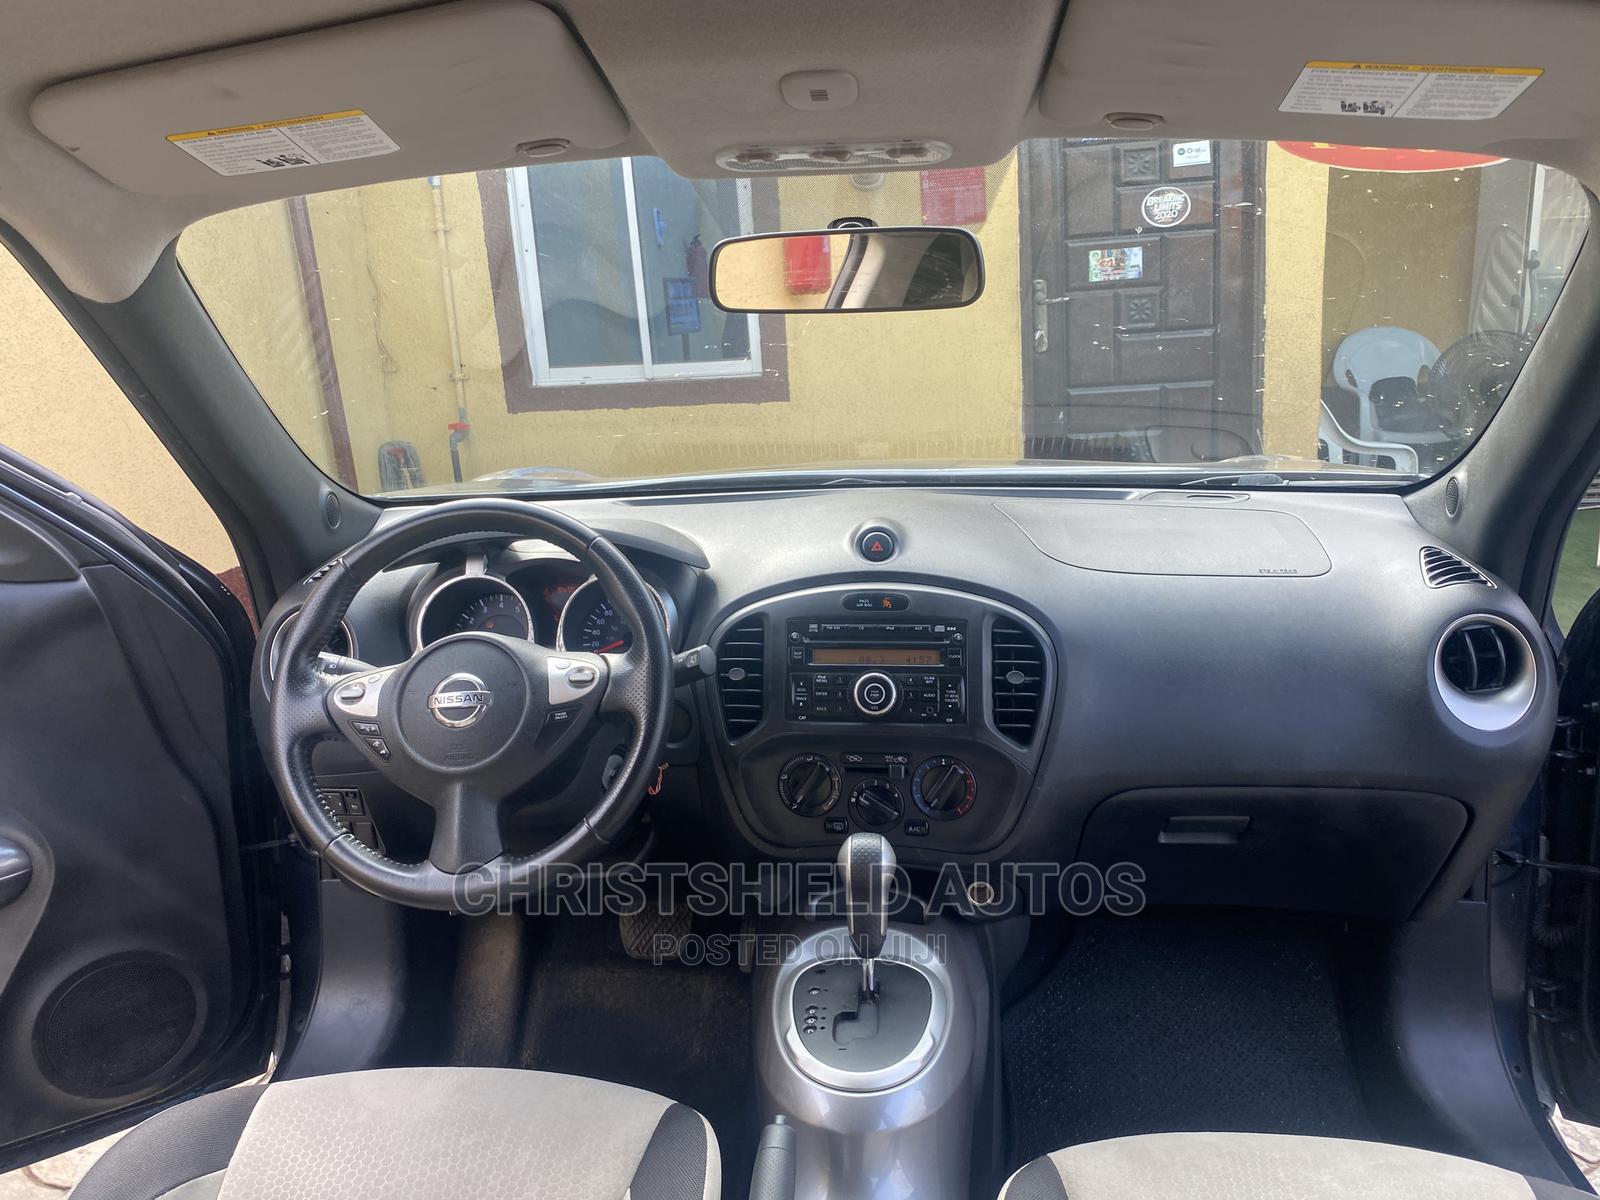 Archive: Nissan Juke 2011 SV Gray